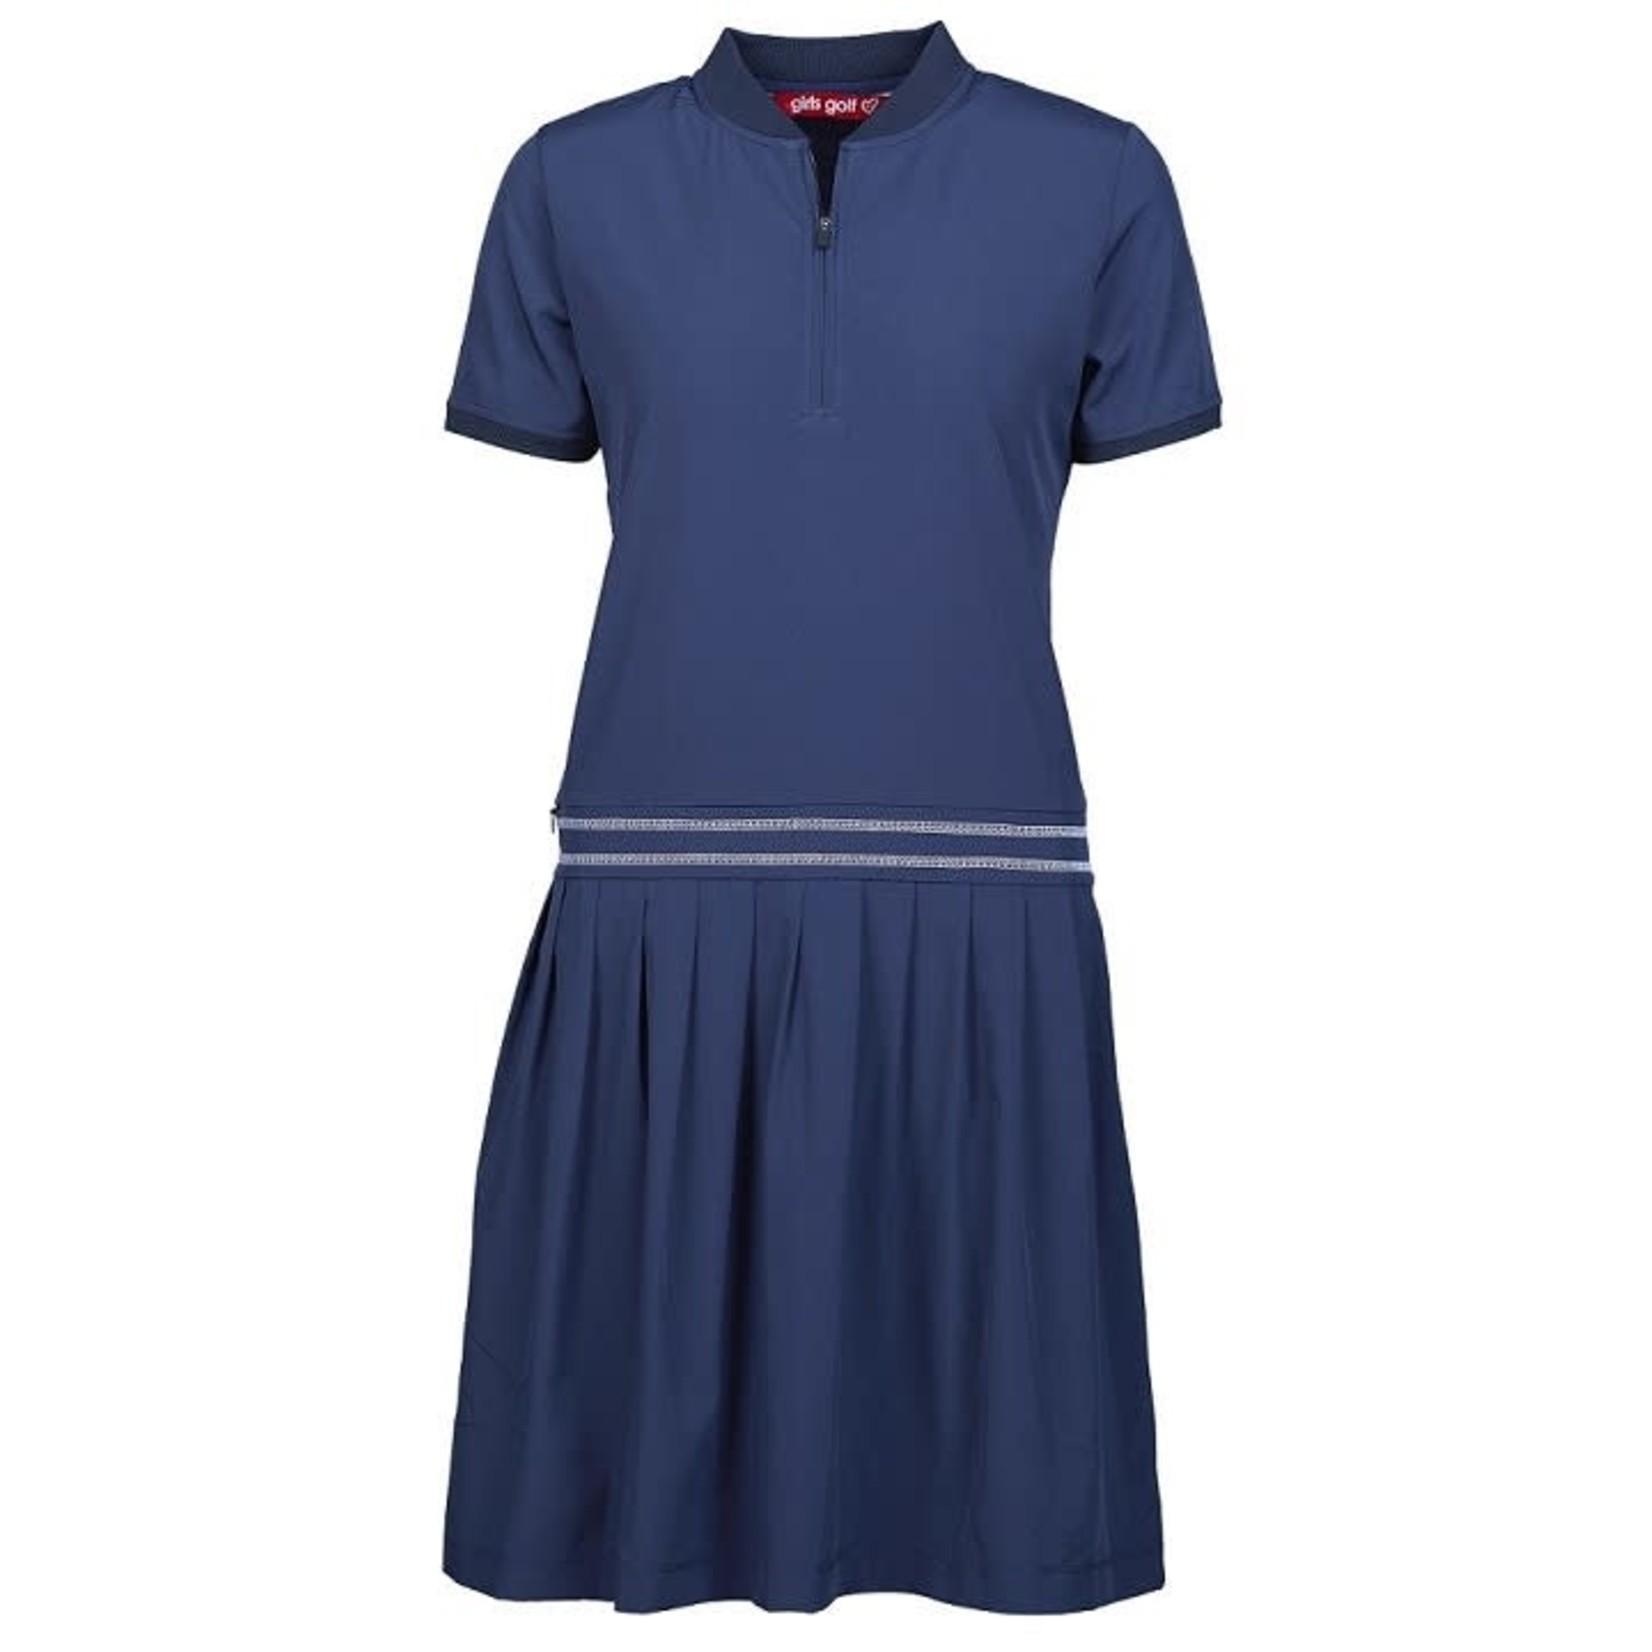 Girls Golf Girls Golf Polo Dress - Navy Techy XL